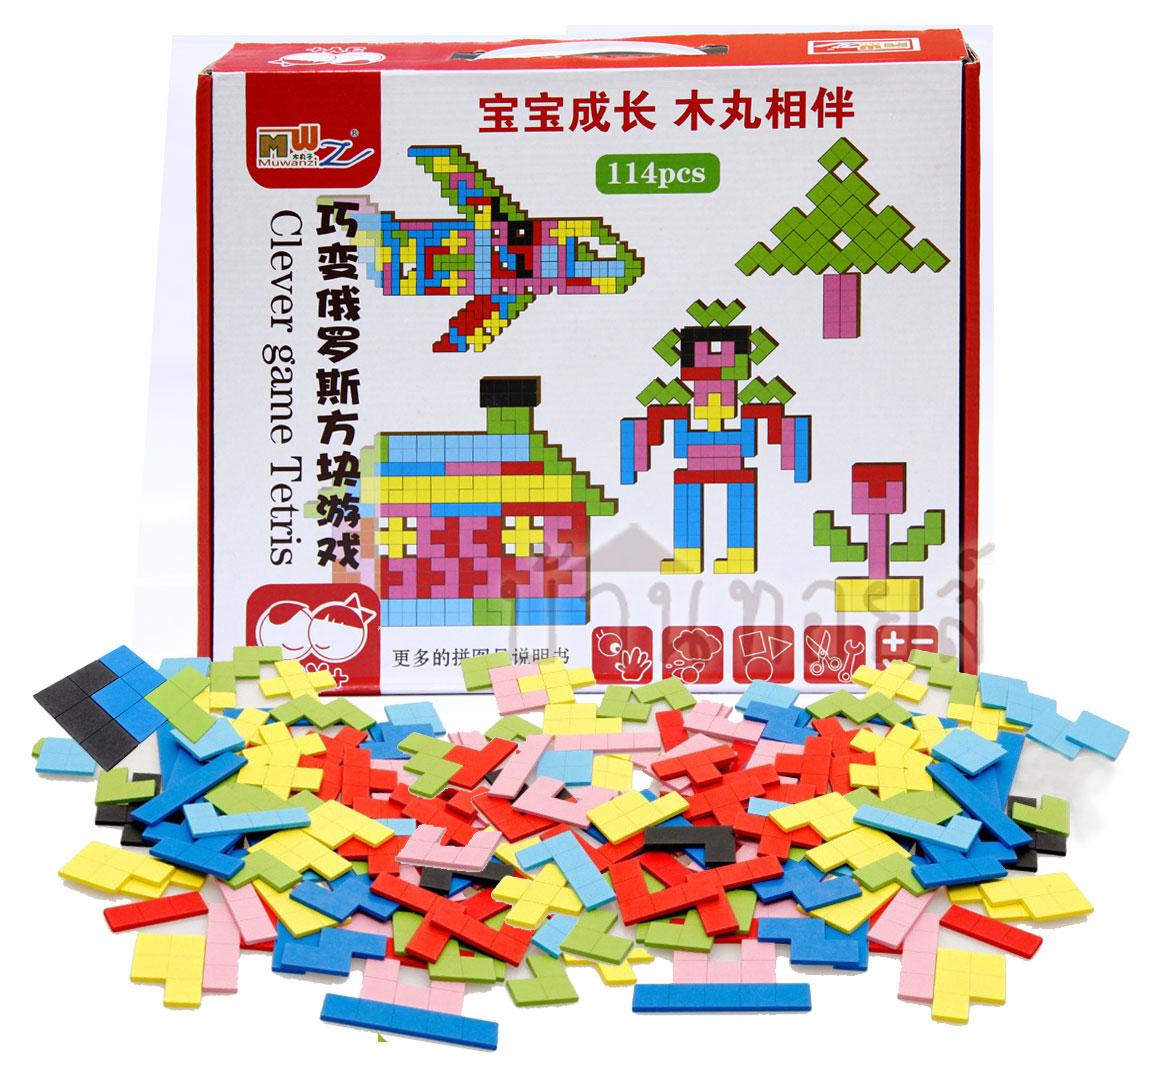 ของเล่นไม้ เกมไม้เทริส Tetris วัสดุไม้ บล็อคไม้รูปทรงเกมเททริส จำนวนชิ้นเยอะจุใจถึง 114 ชิ้น สำหรับเด็กๆเล่นต่อภาพให้ได้ตามรูป หรือต่อภาพตามจินตนาการ ของเล่นเสริมพัฒนาการ ความคิดสร้างสรรค์ จินตนาการ การสังเกตุ